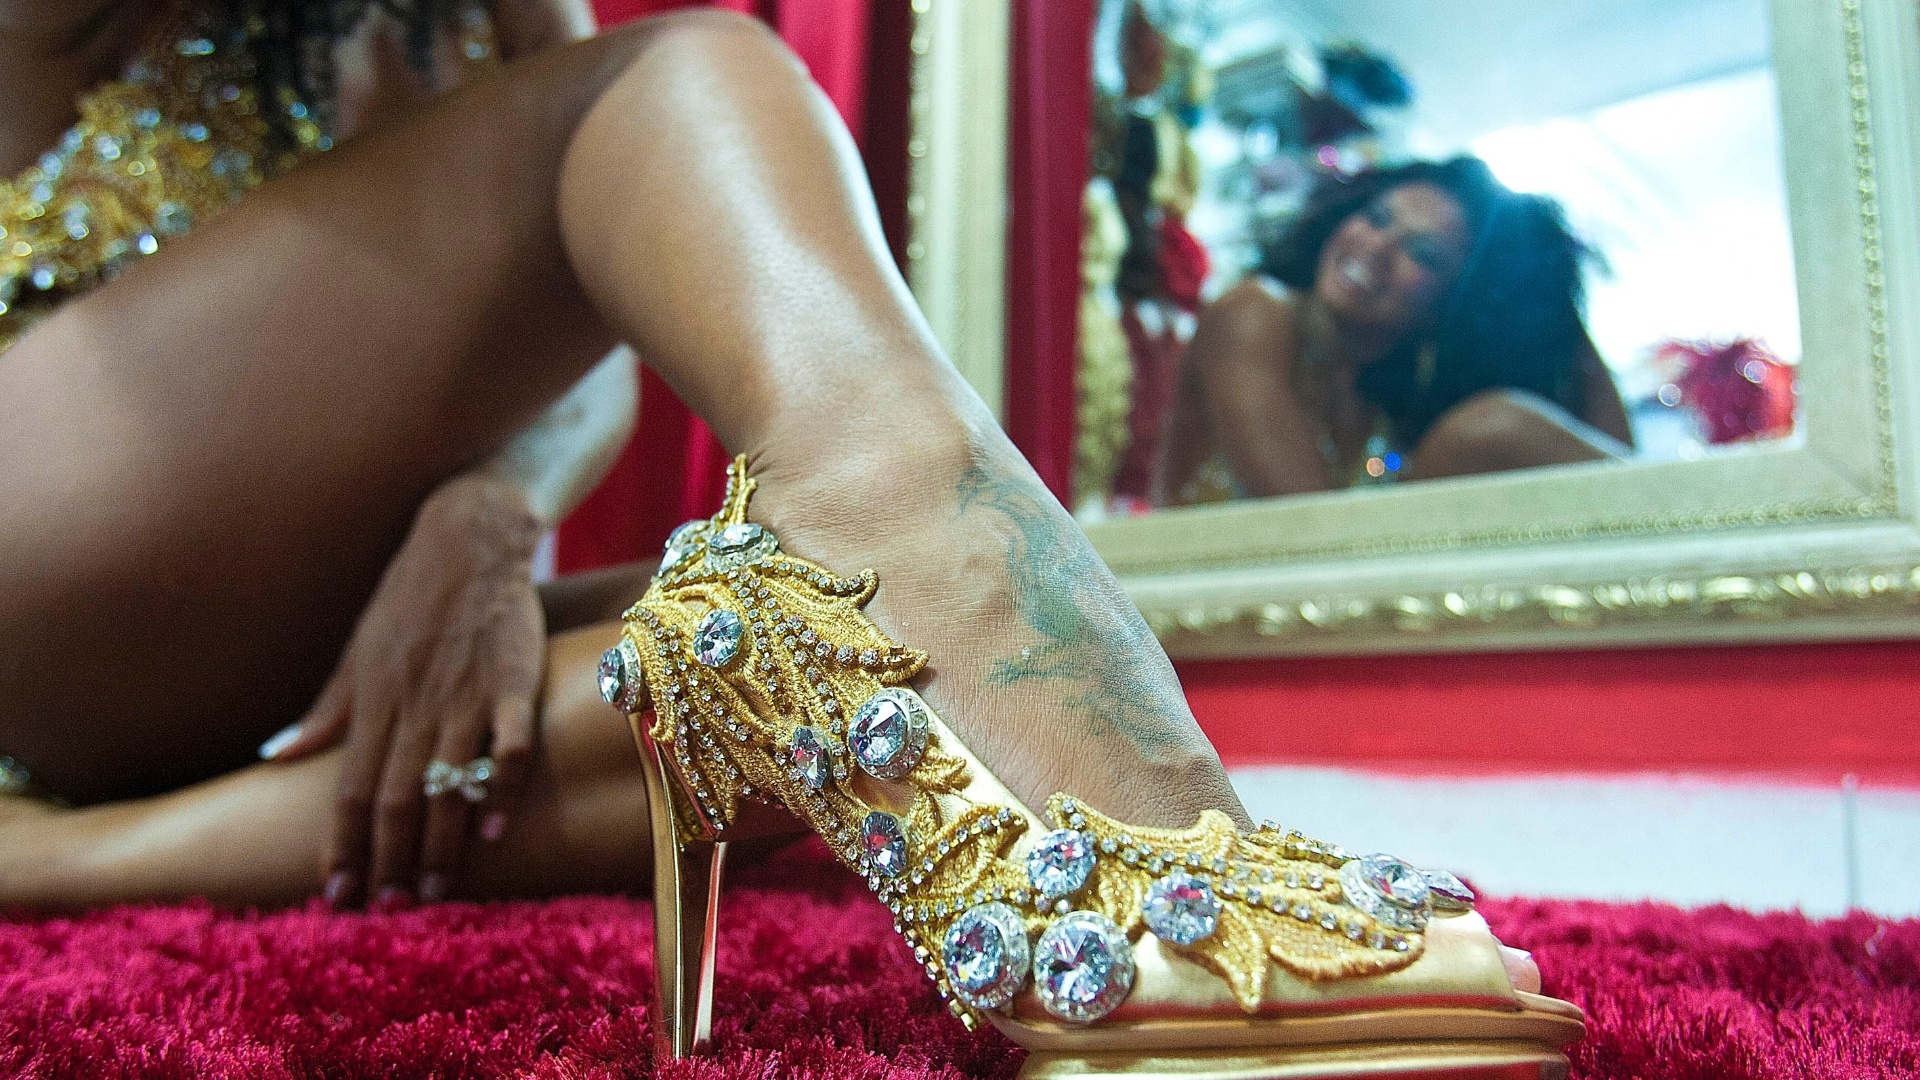 Simone Sampaio provou fantasias no centro de São Paulo na quinta-feira (26/01/12). Neste Carnaval, a rainha das rainhas estará à frente da bateria da Dragões da Real, que desfila no dia 18 de fevereiro. Na foto, ela usa sapato dourado com cristais, estimado a R$ 700